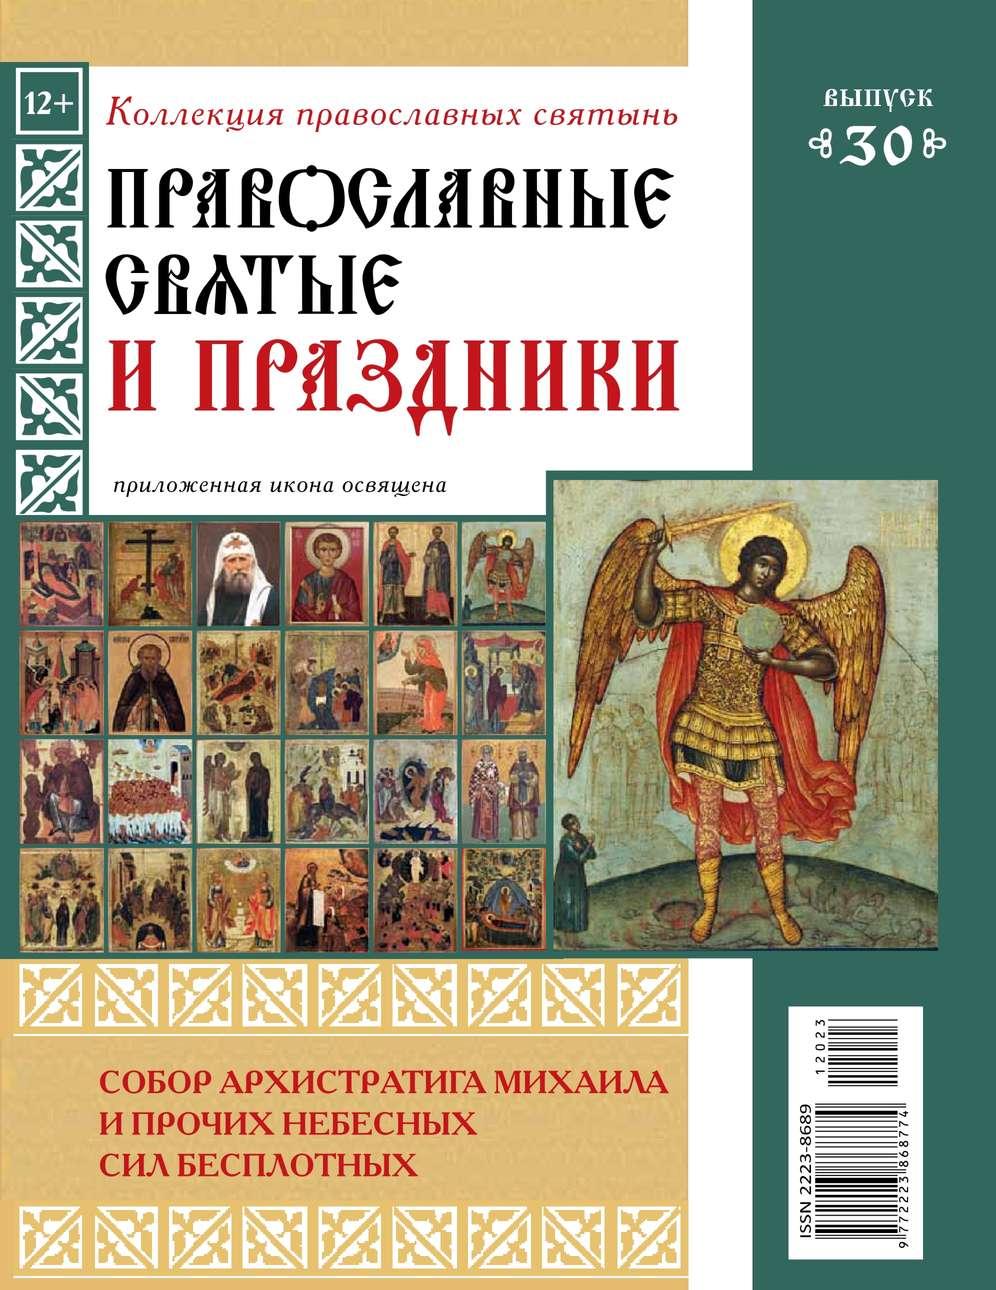 Редакция журнала Коллекция Православных Святынь Коллекция Православных Святынь 30